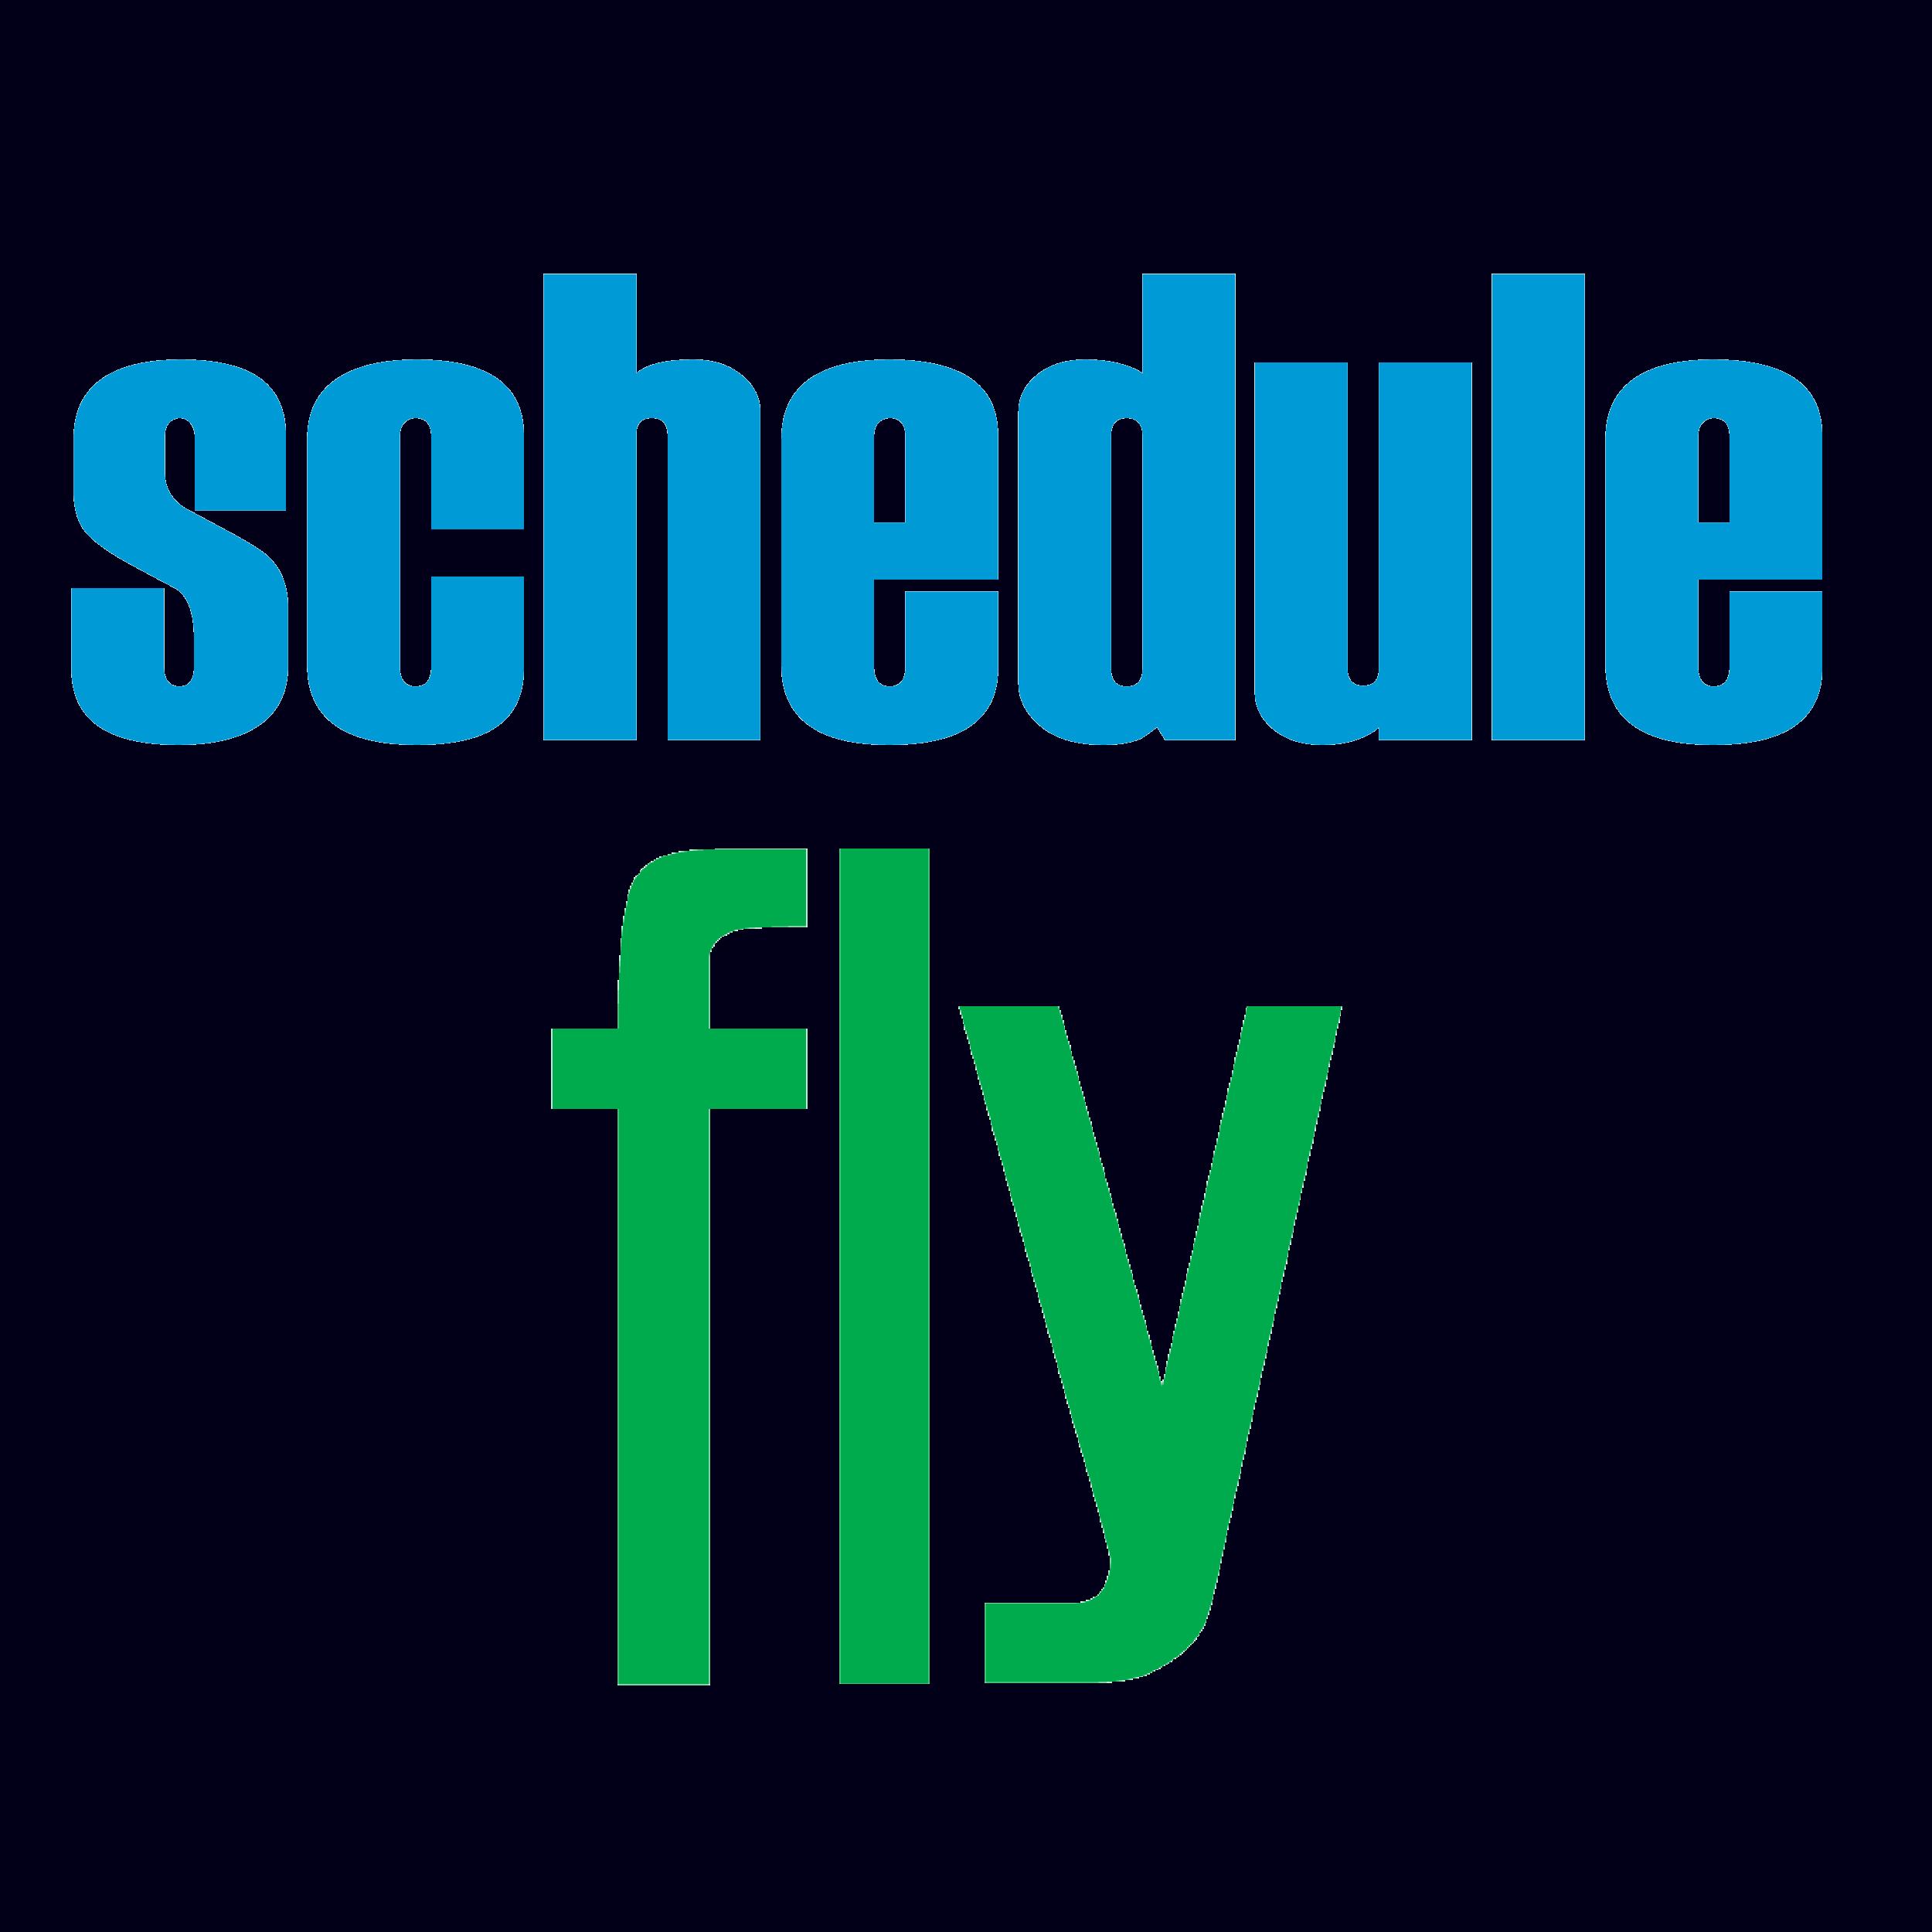 Schedulefly 1499348511 logo